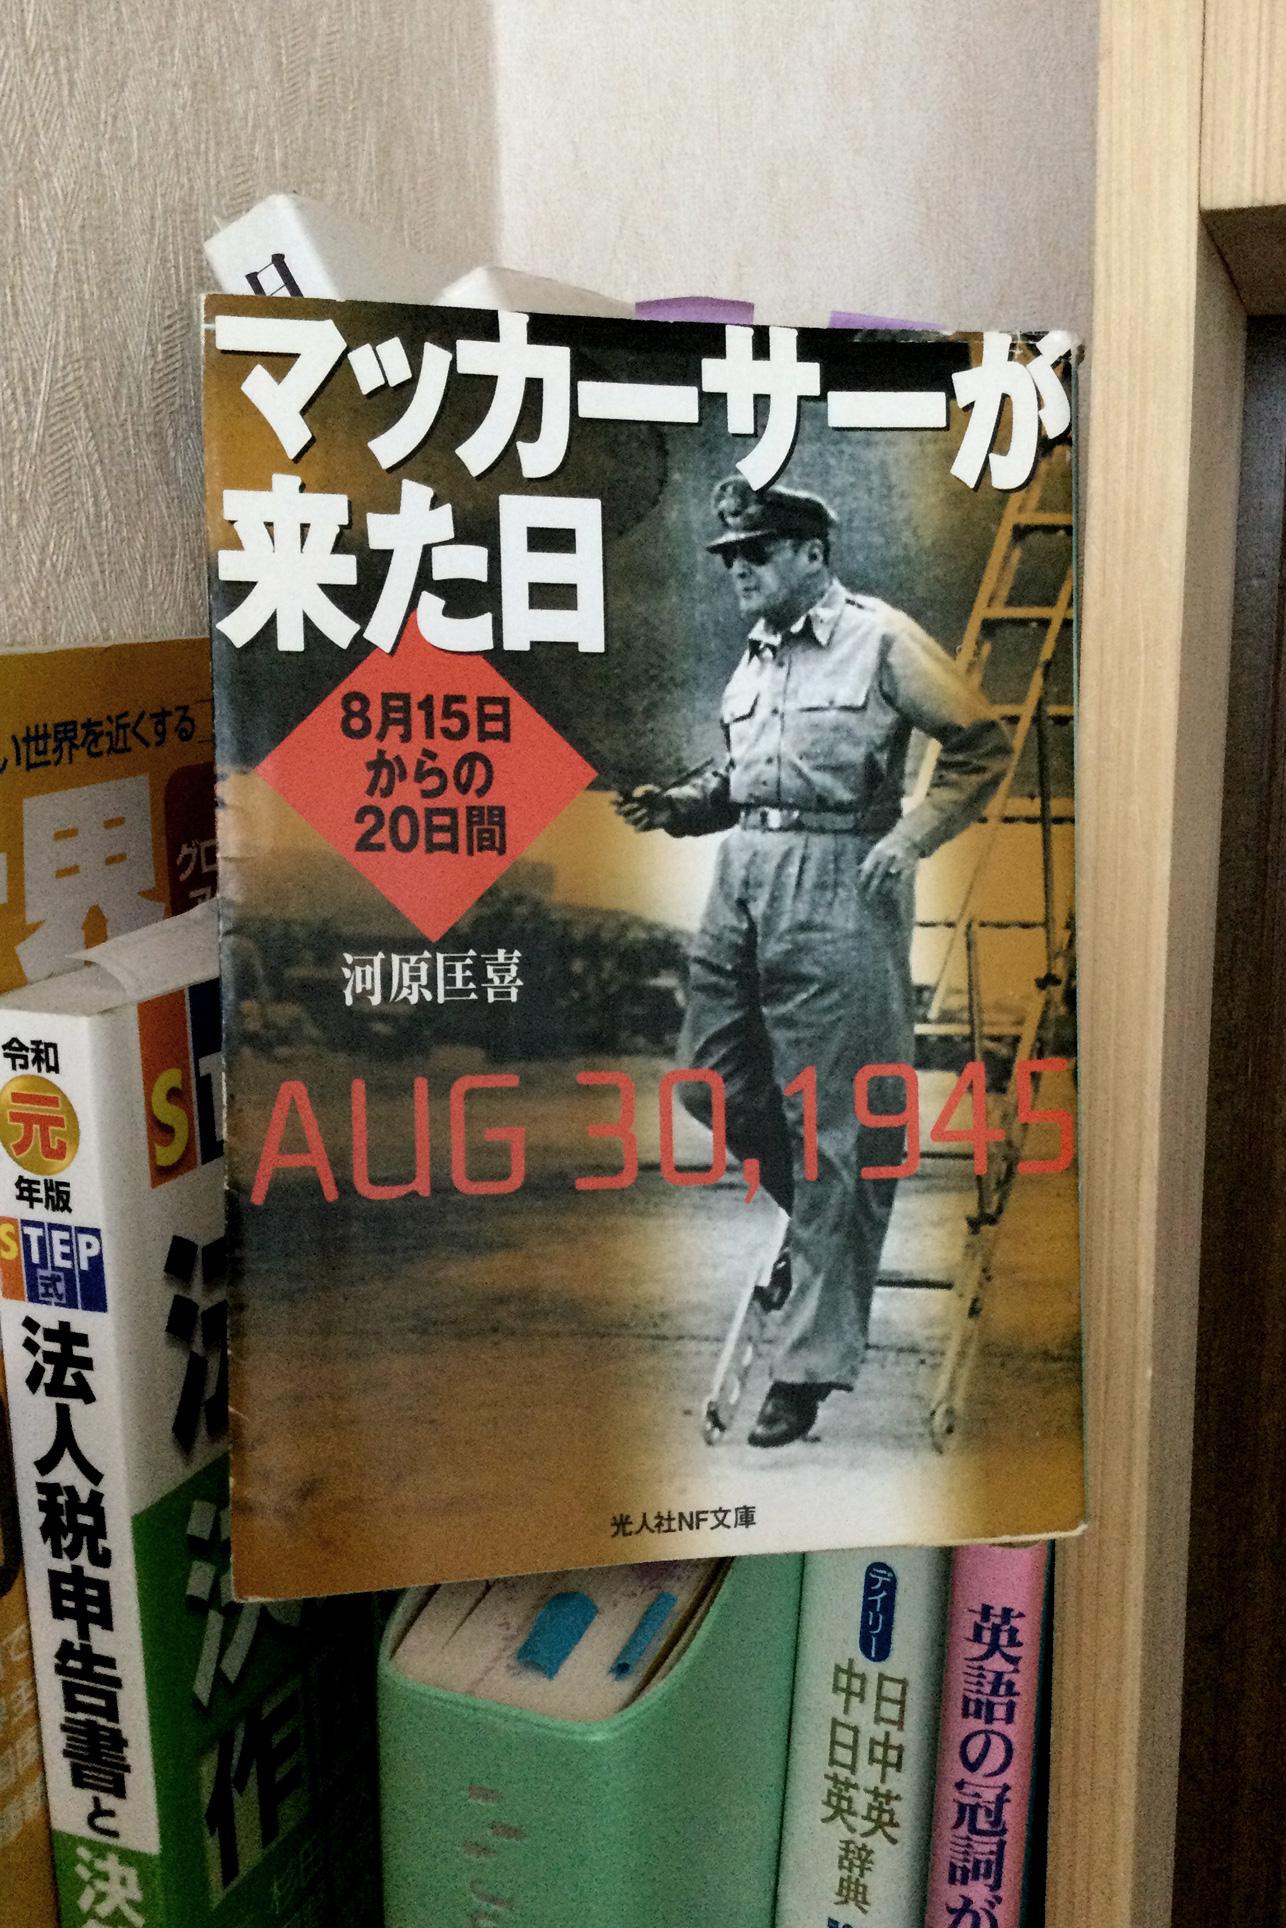 書籍マッカーサーが来た日―8月15日からの20日間(河原 匡喜/ 光人社)」の表紙画像